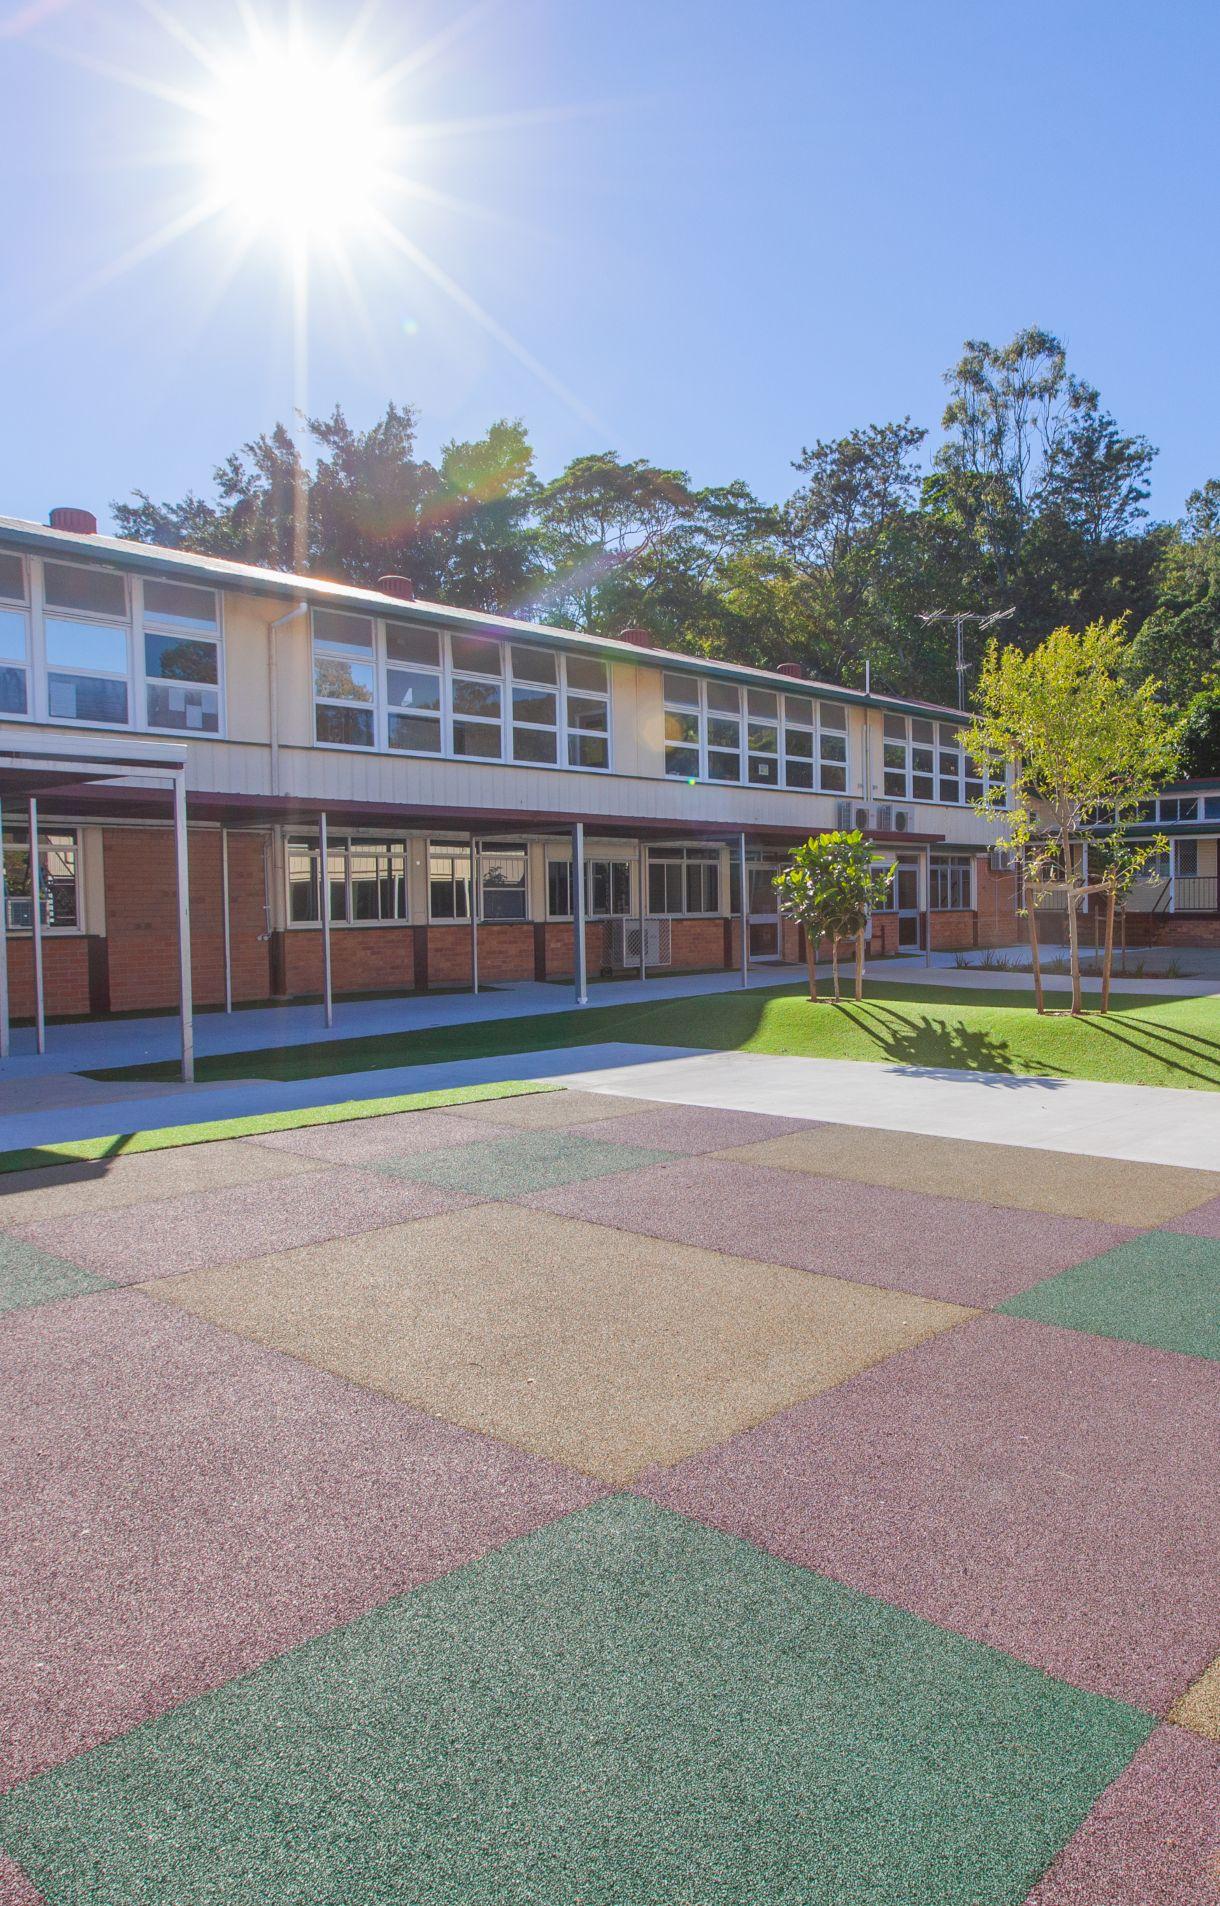 school outdoor upgrade